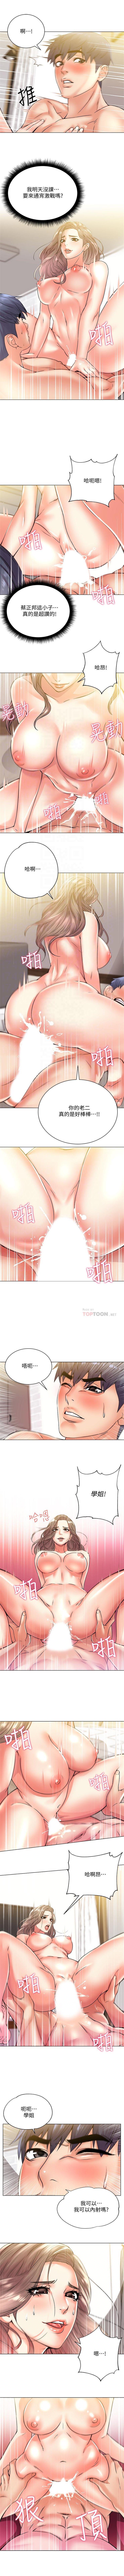 (週3)超市的漂亮姐姐 1-18 中文翻譯(更新中) 107